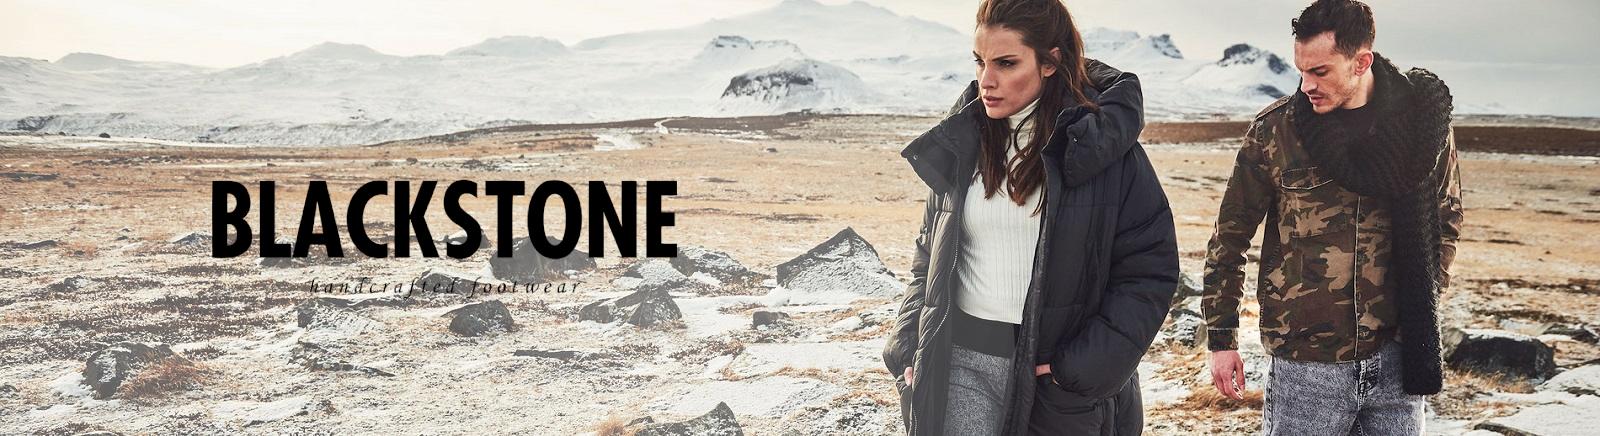 Blackstone Schuhe für Damen/Damenschuhe online kaufen | GISY